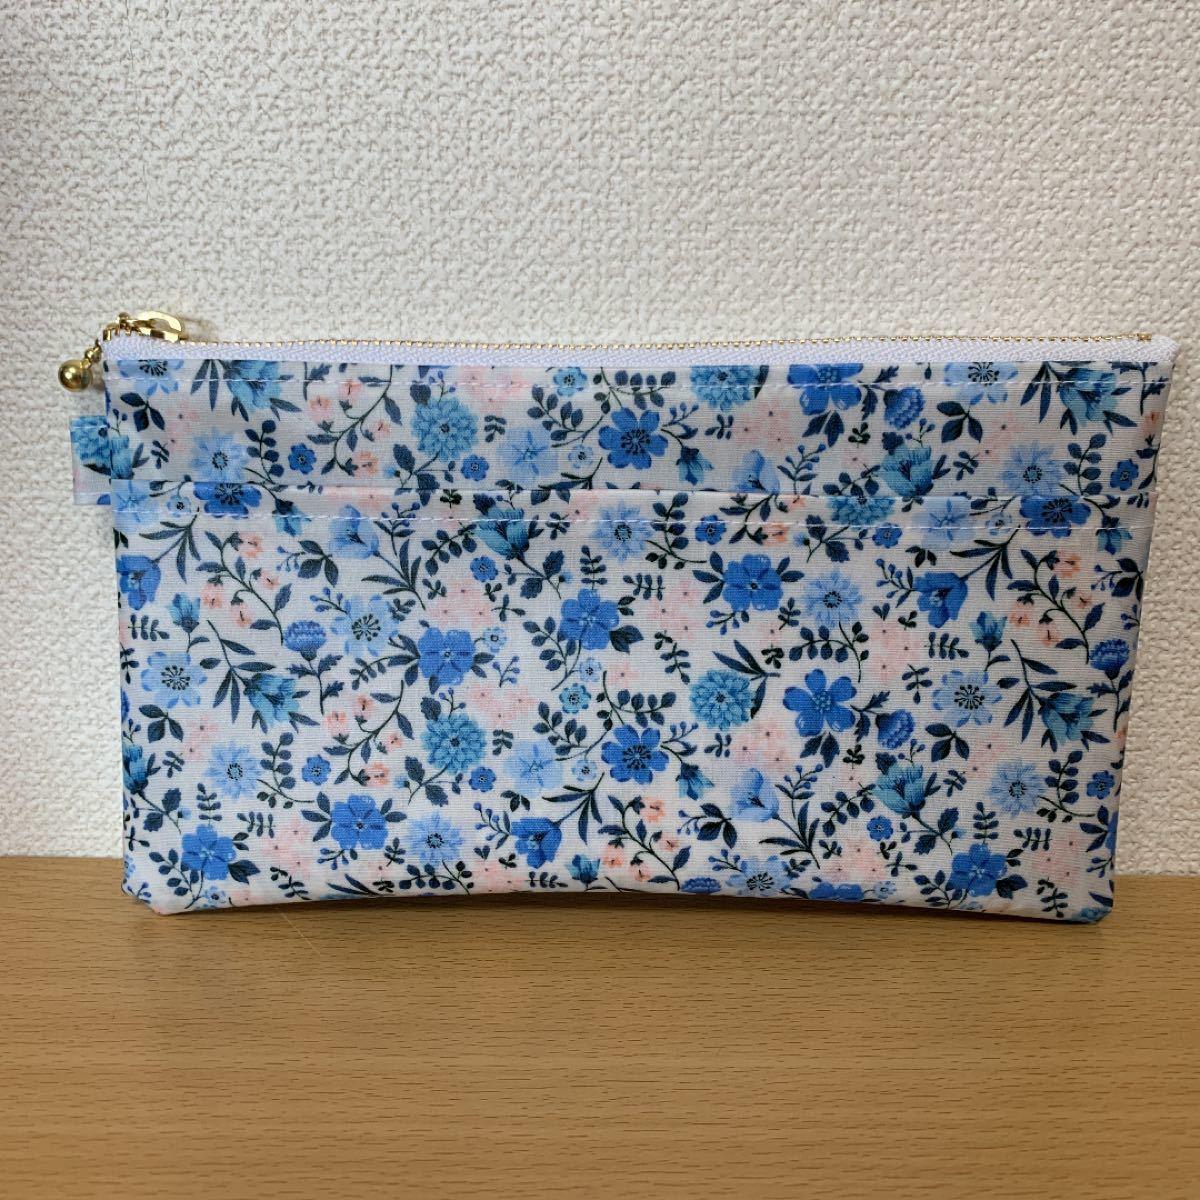 フラットポーチ ボタニカルベーシック花柄 ブルー